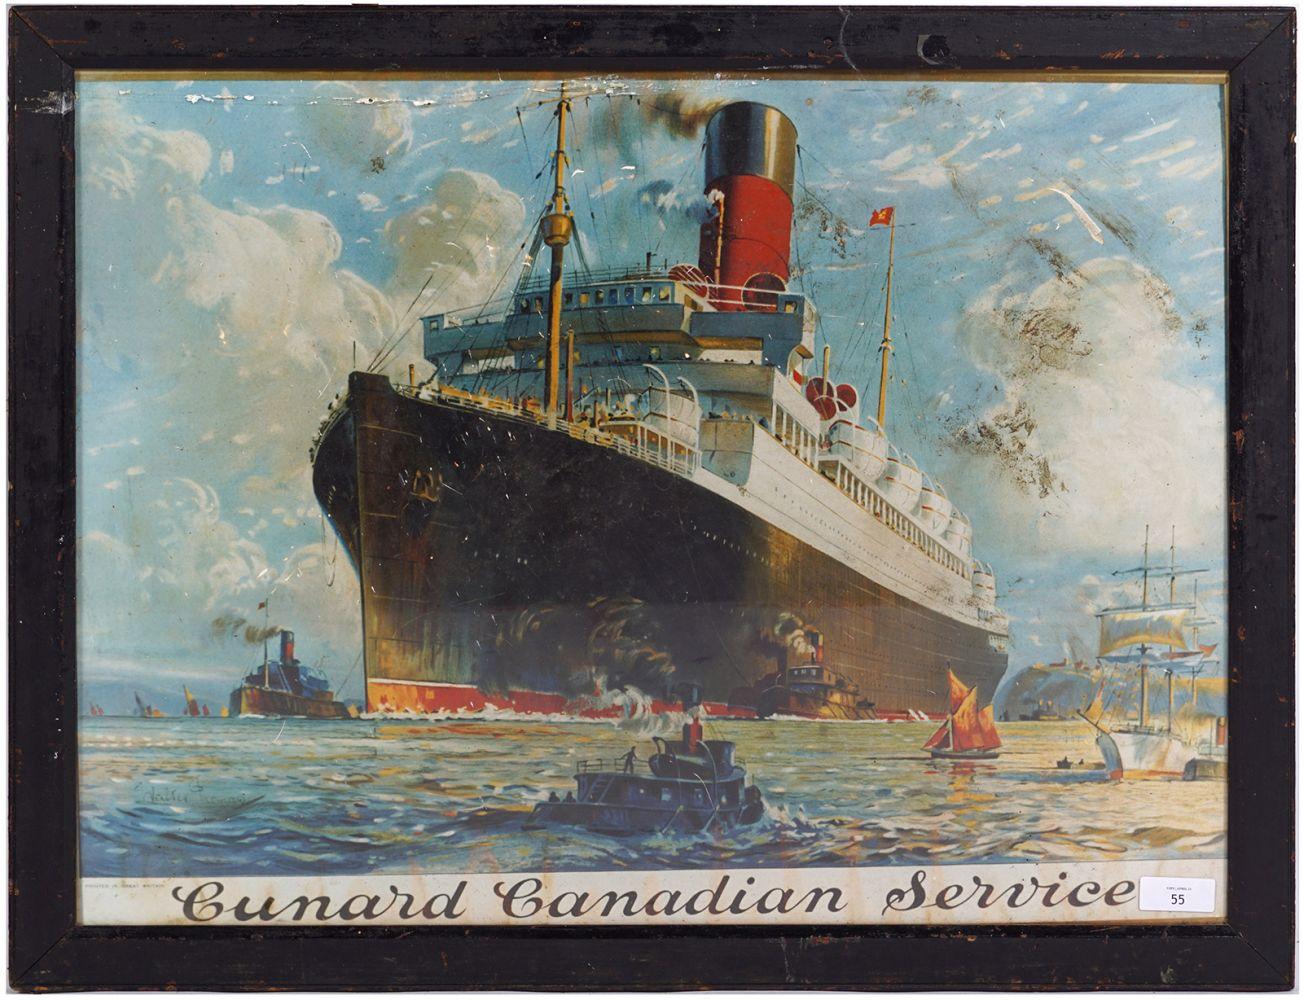 CUNARD CANADIAN SERVICE ORIGINAL POSTER